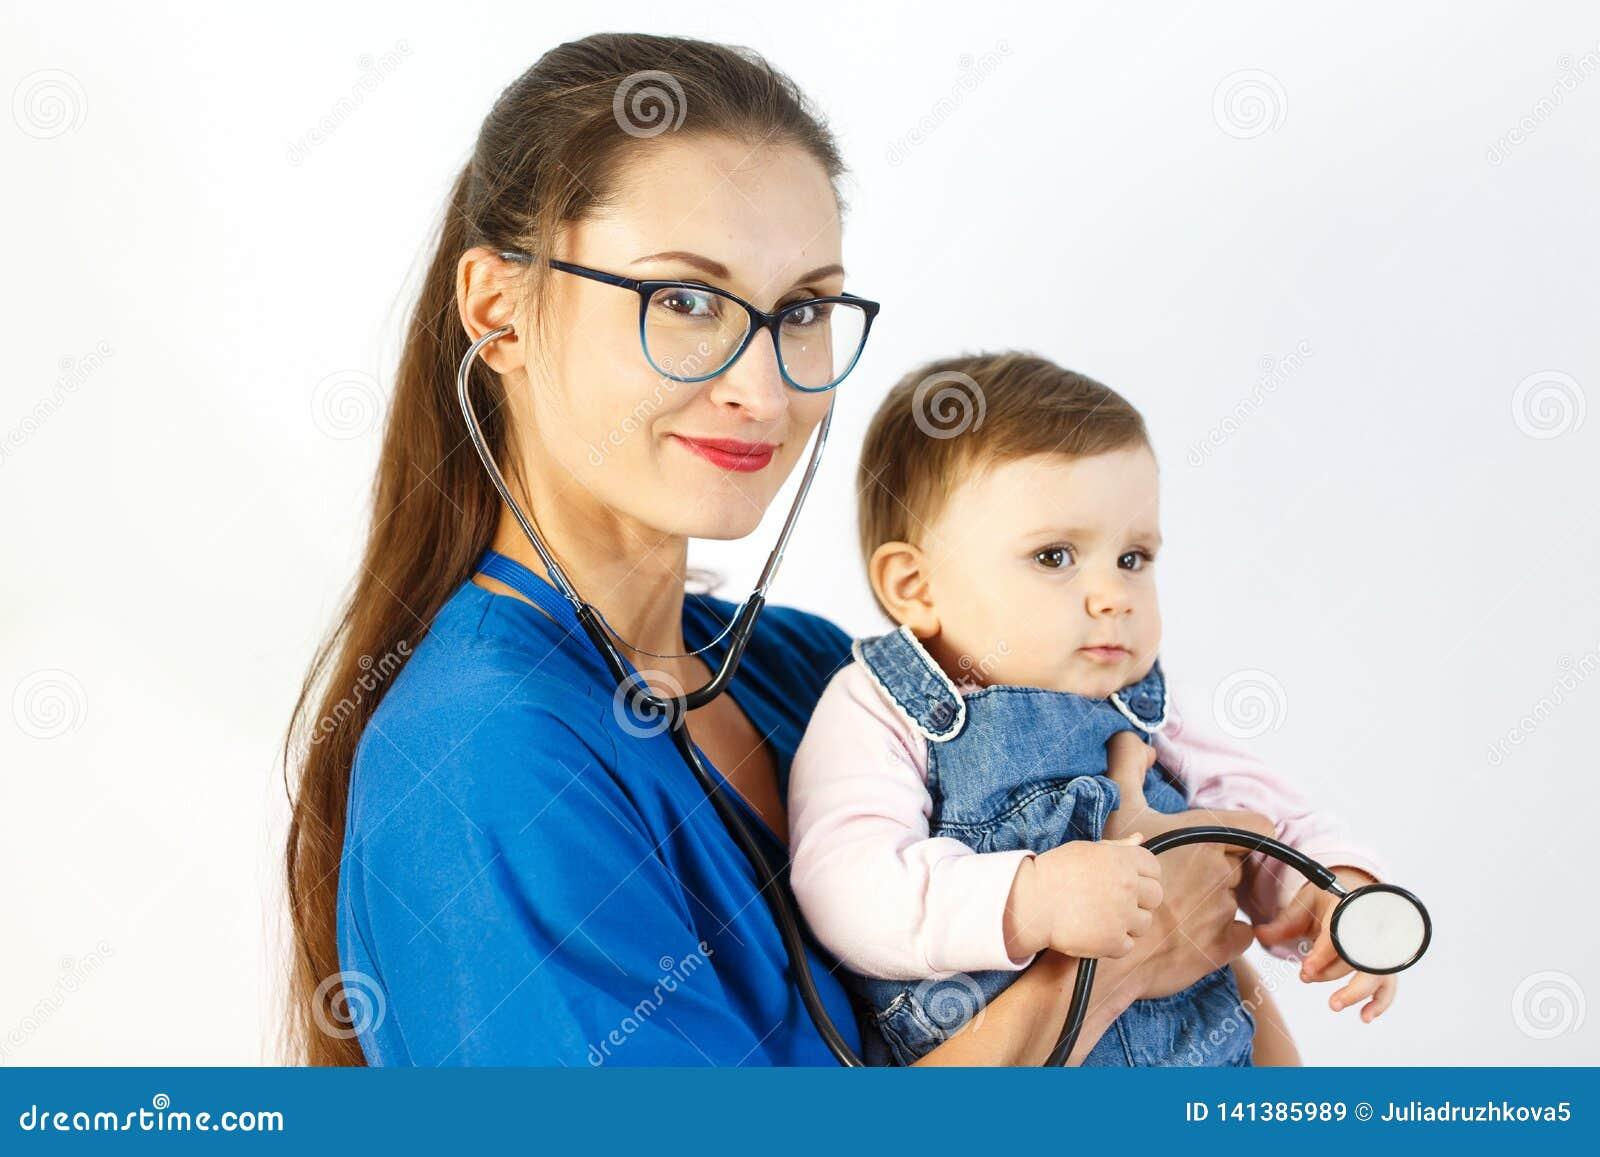 Een jonge vrouw arts houdt een baby in haar wapens, glimlacht zij, en een kind speelt met een stethoscoop